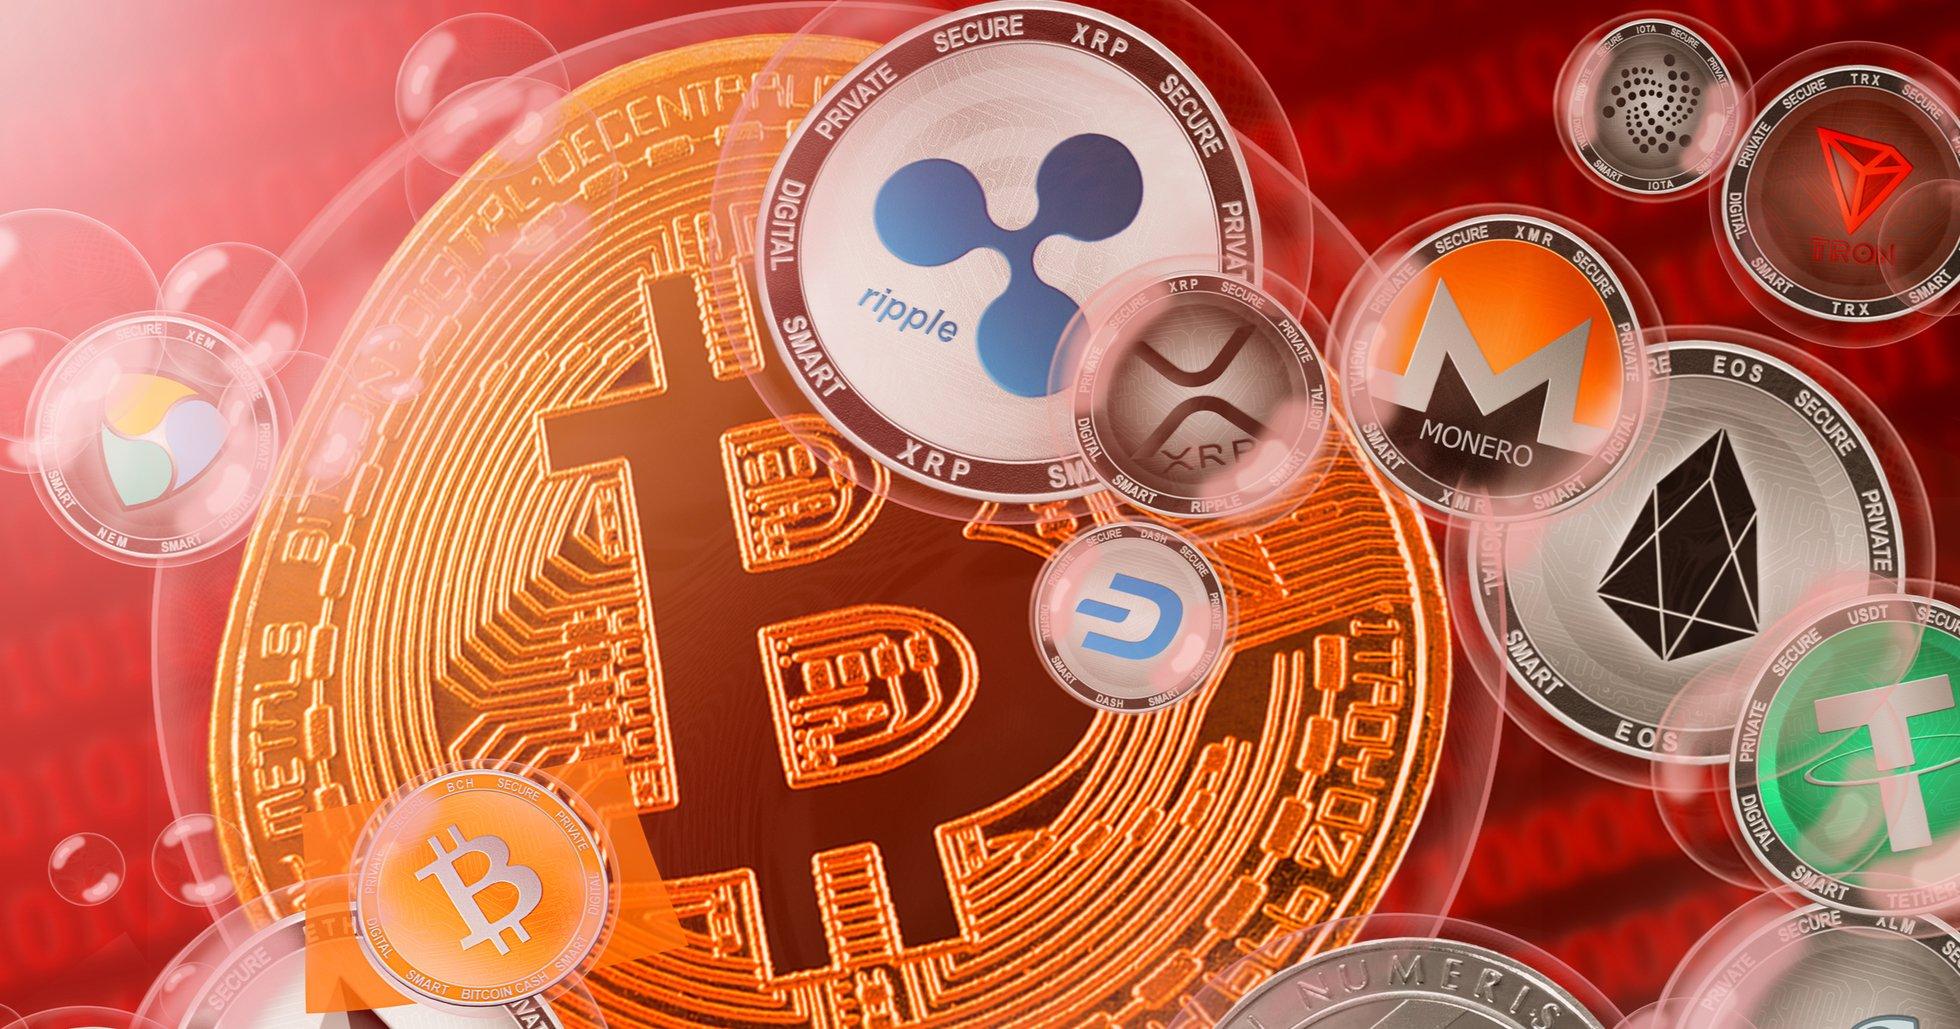 Bitcoinpriset fortsätter nedåt – xrp går mot strömmen.